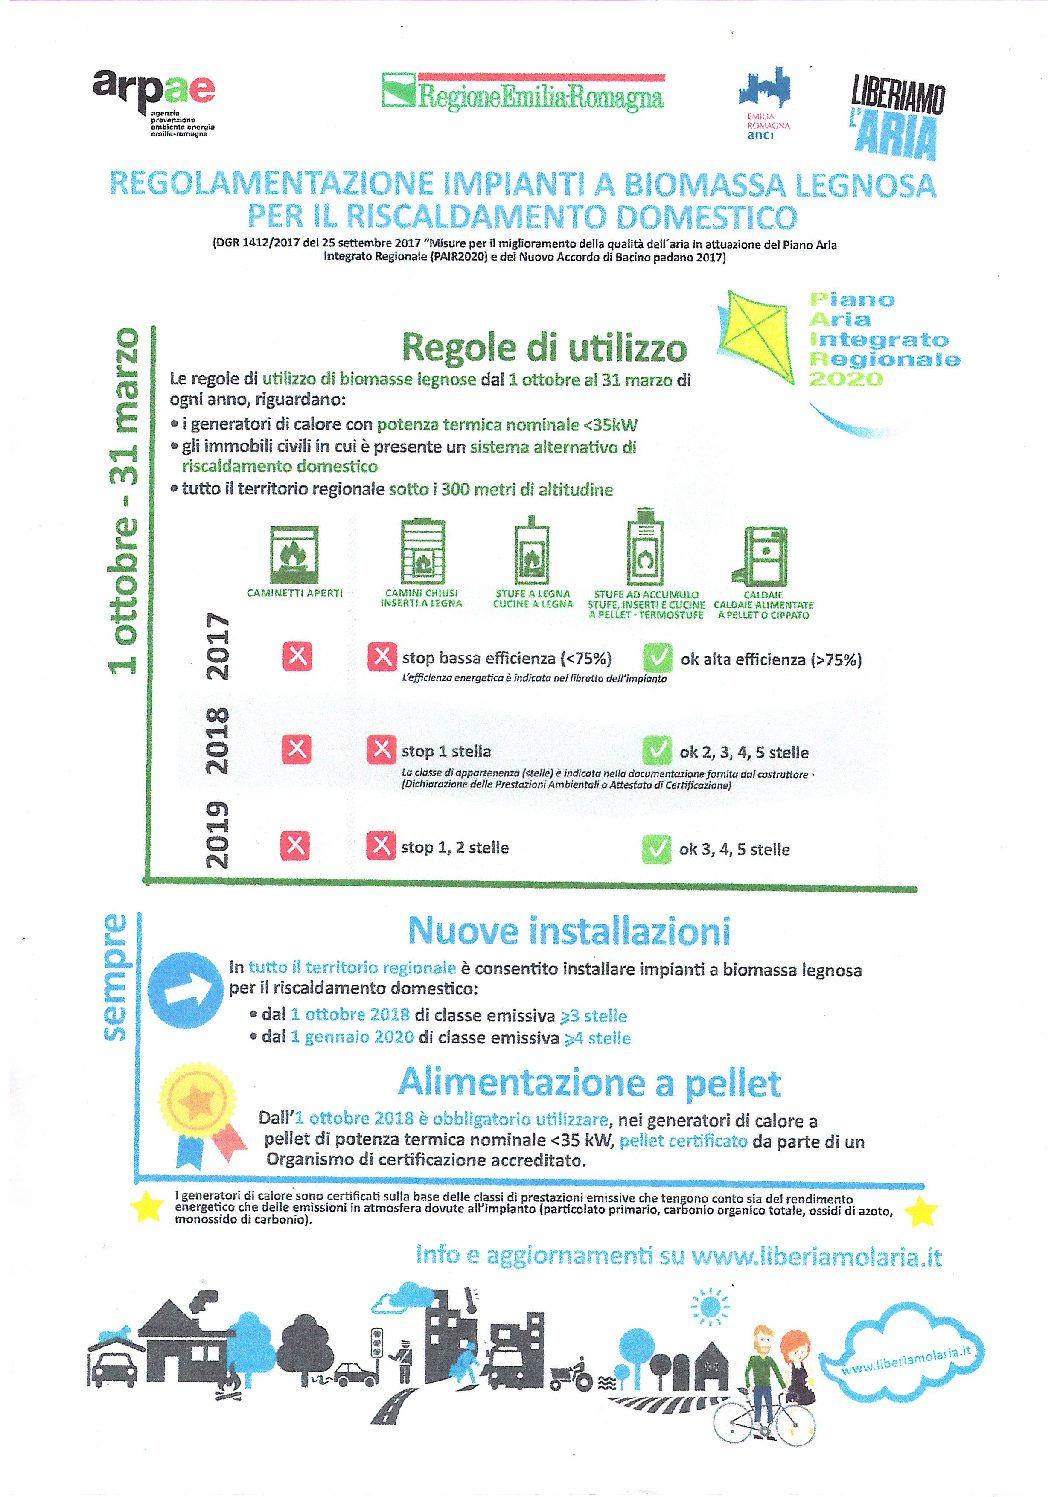 Camini E Stufe Emilia Romagna regolamentazione impianti a biomassa legnosa per il